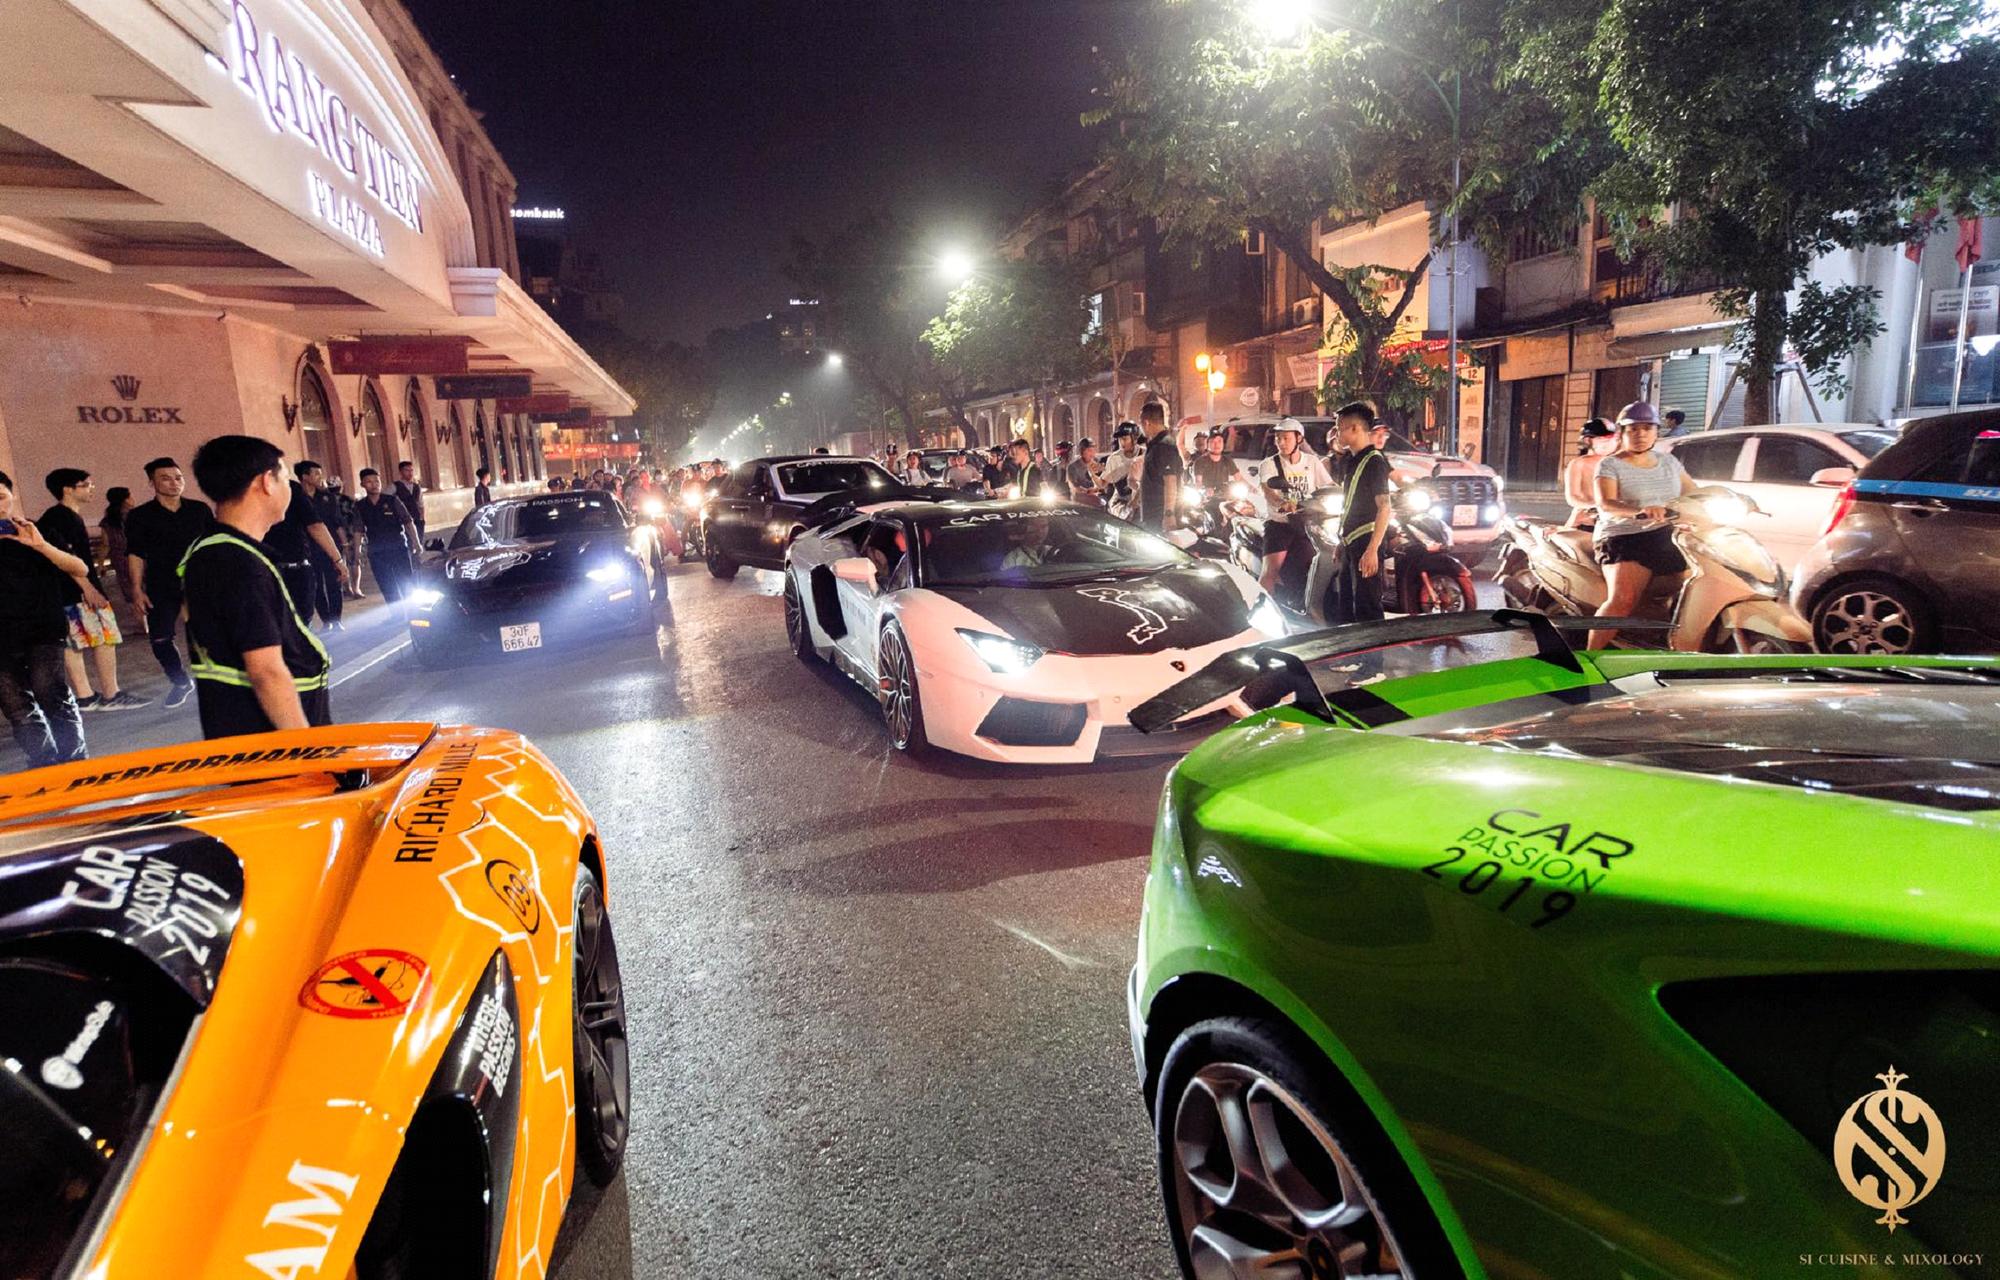 Choáng ngợp trước dàn siêu xe cực khủng trên phố Hàng Bài - Ảnh 3.